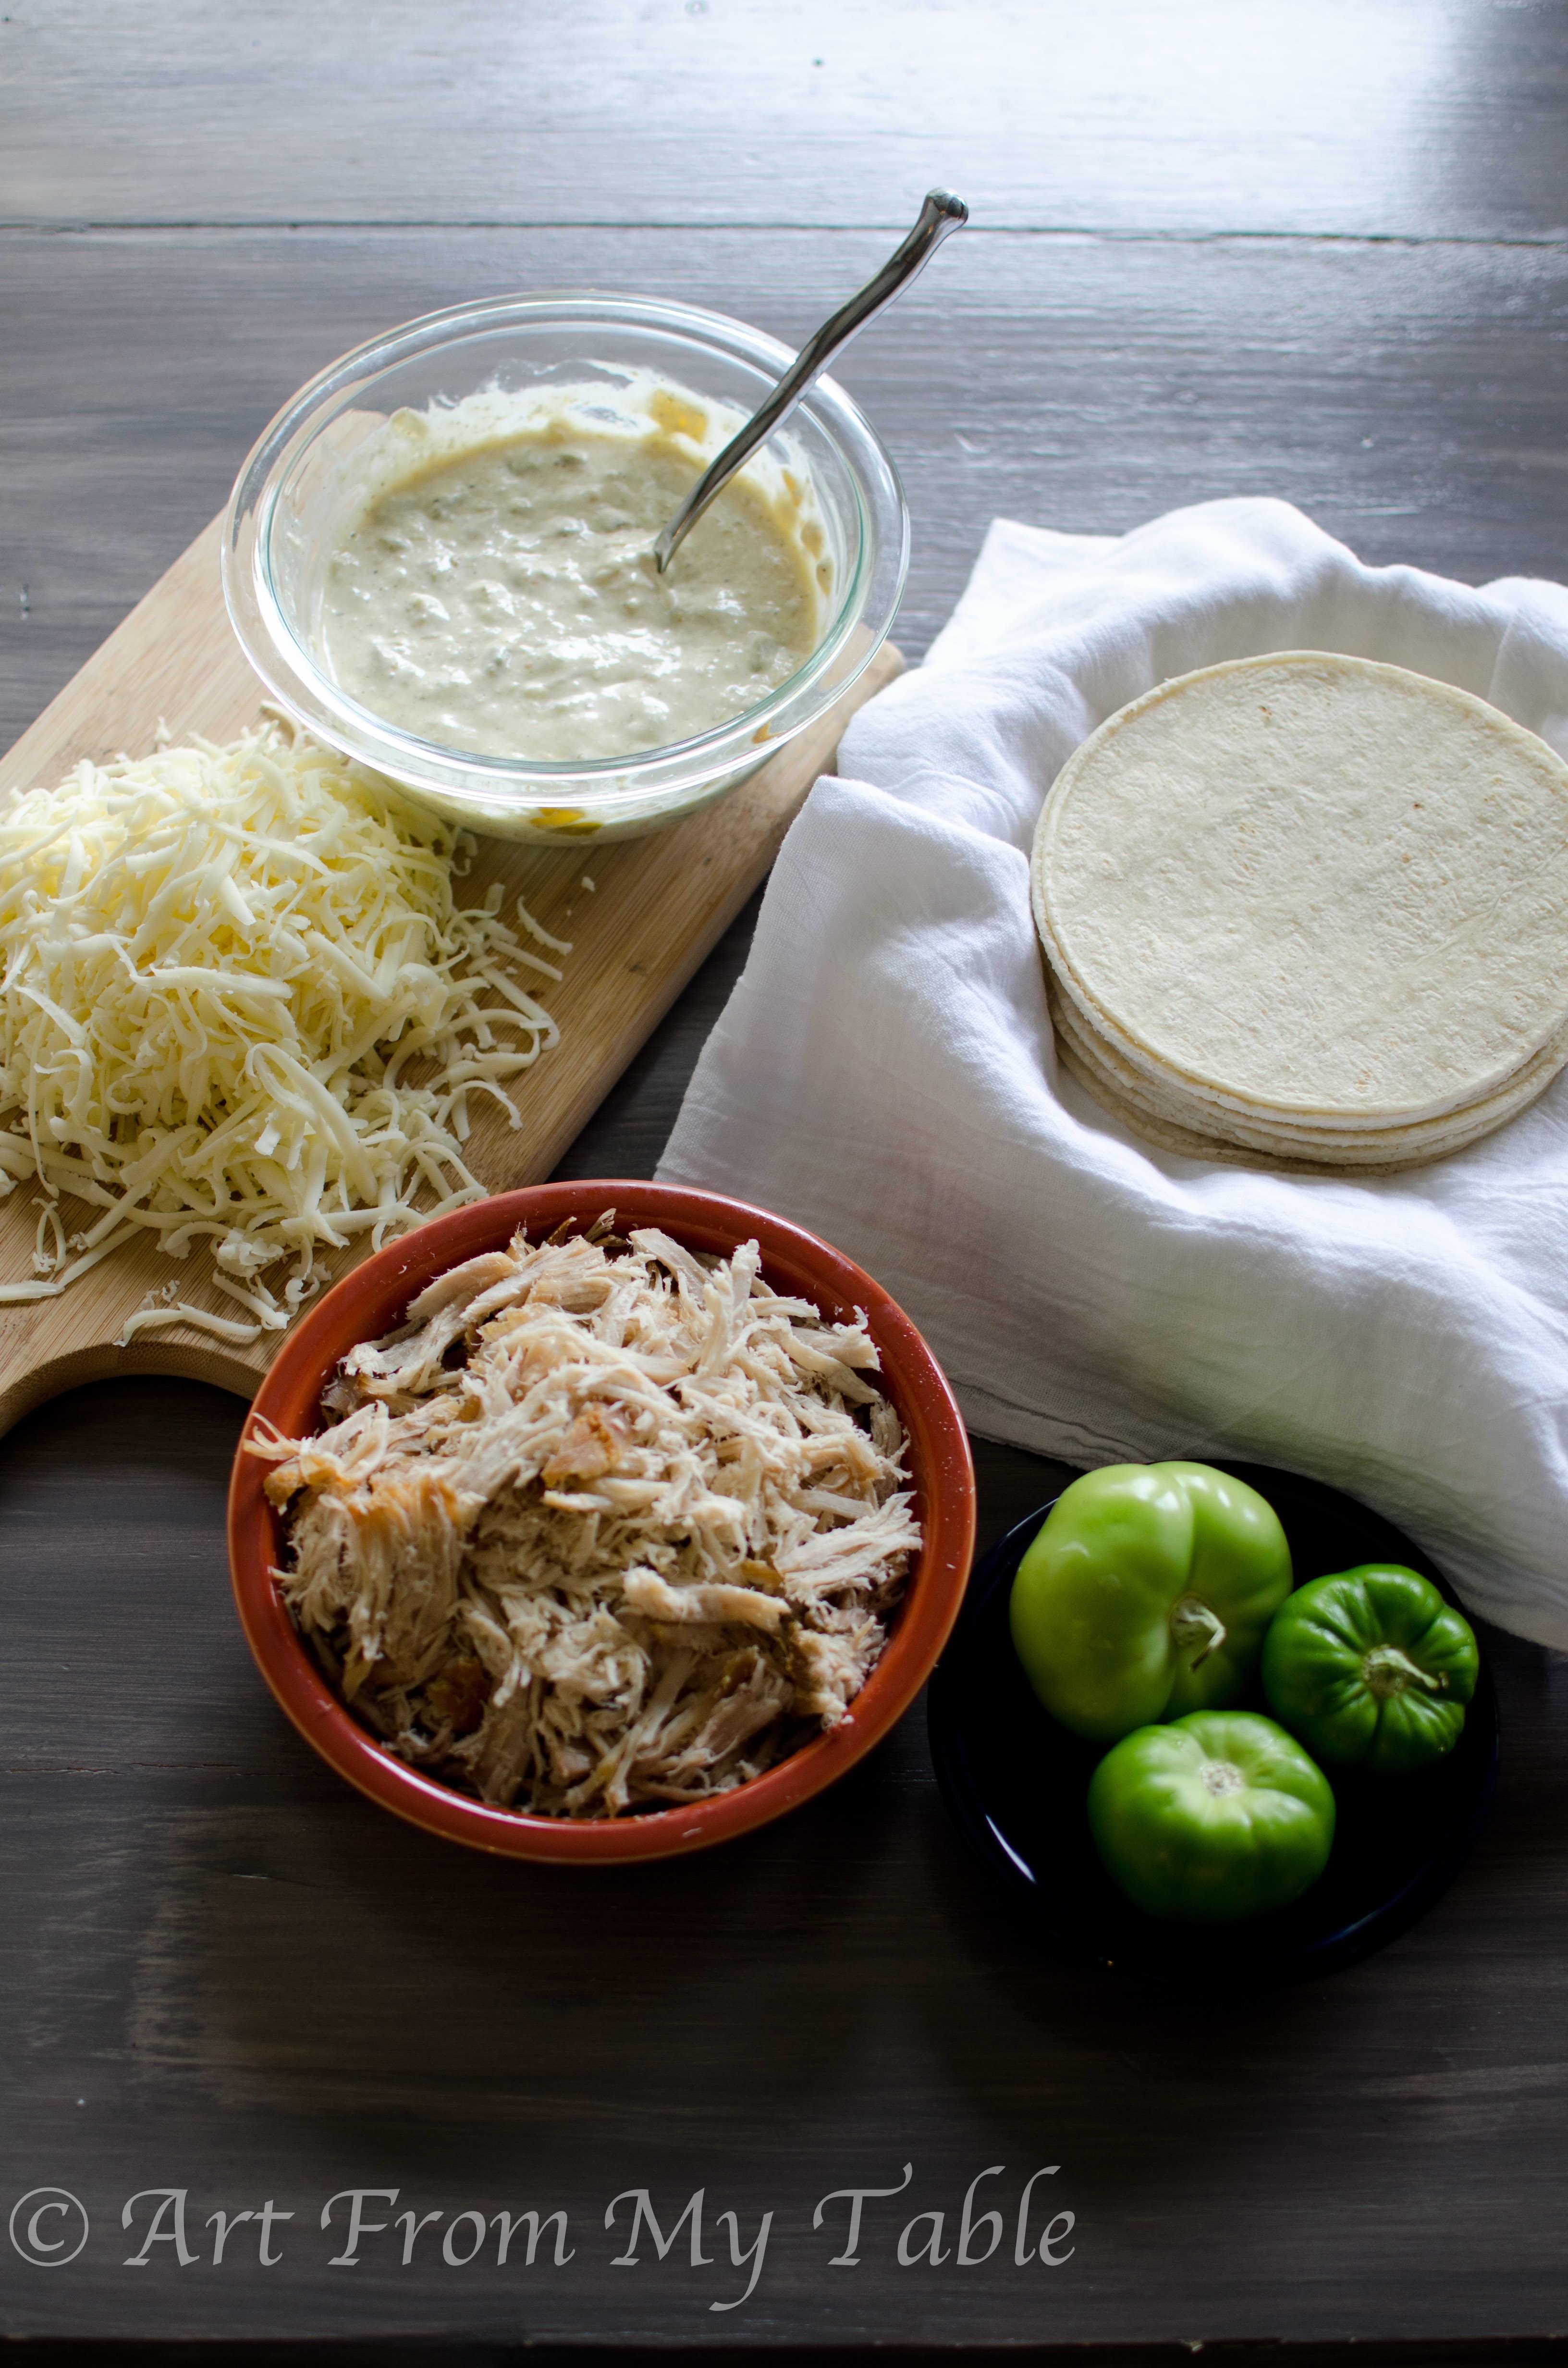 prepped ingredients for carnitas casserole verder, shredded cheese, verde sauce, shredded pork, corn tortillas